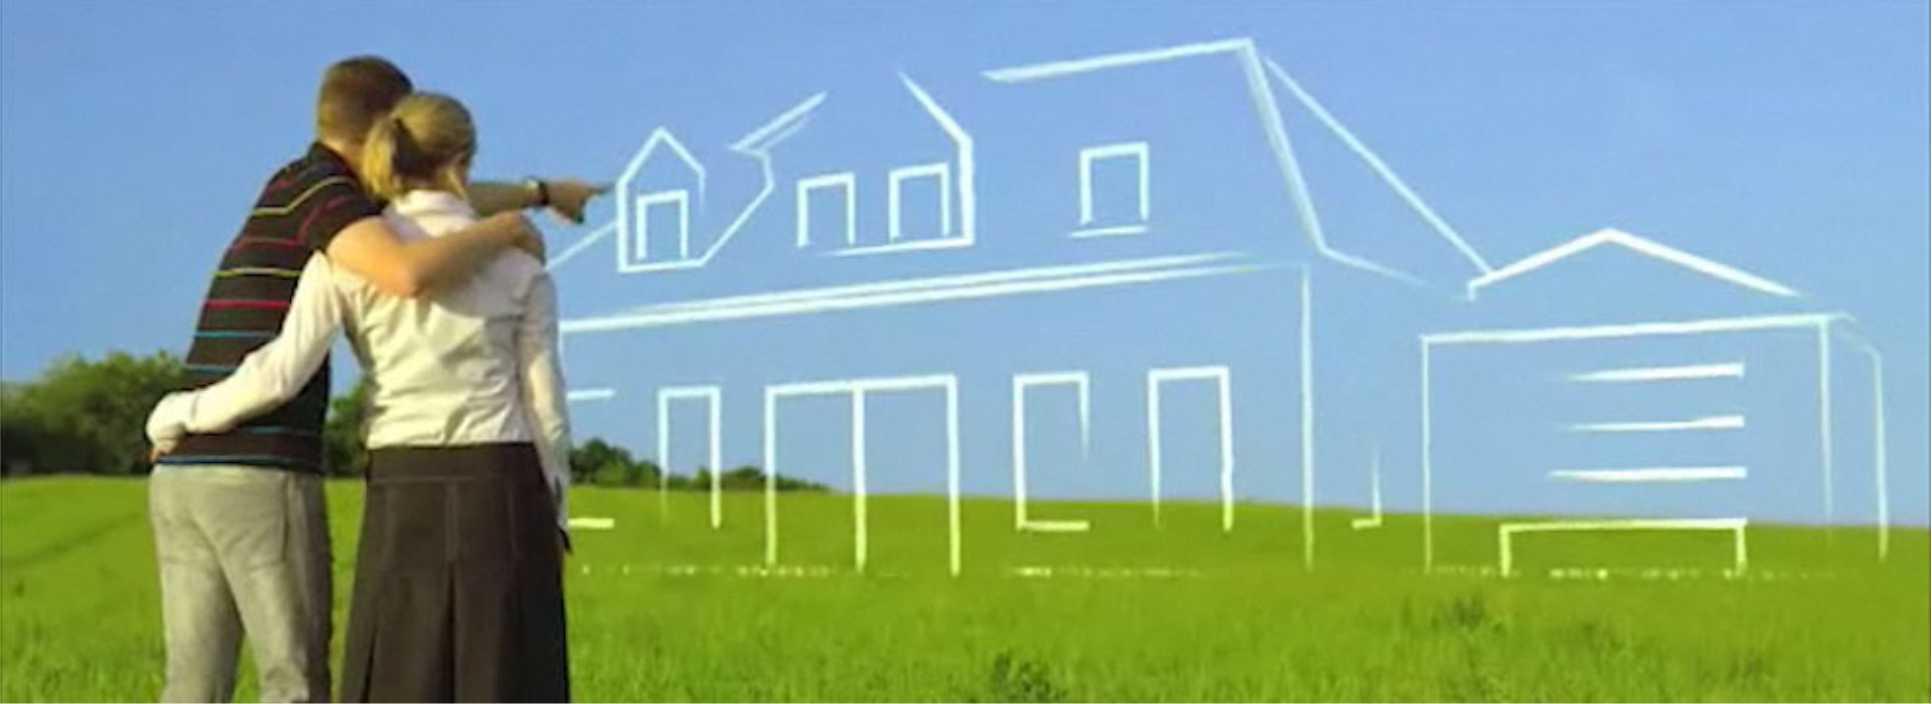 immobiliare come rilanciare il settore l 39 economico